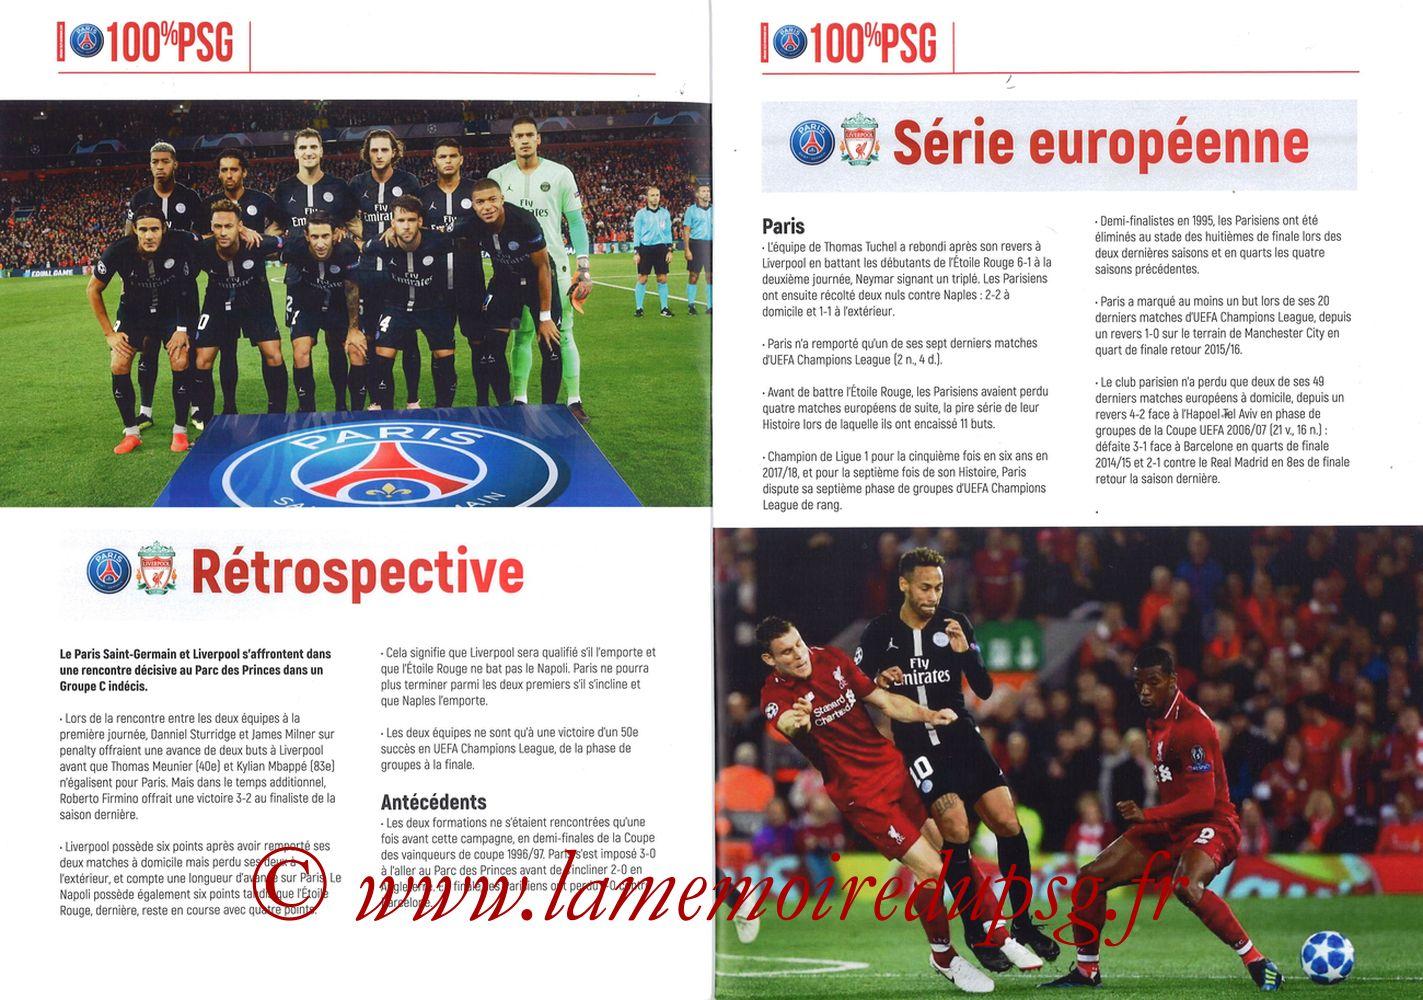 2018-11-28  PSG-Liverpool (5ème Poule C1, 100% PSG N° 172) - Pages 02 et 03